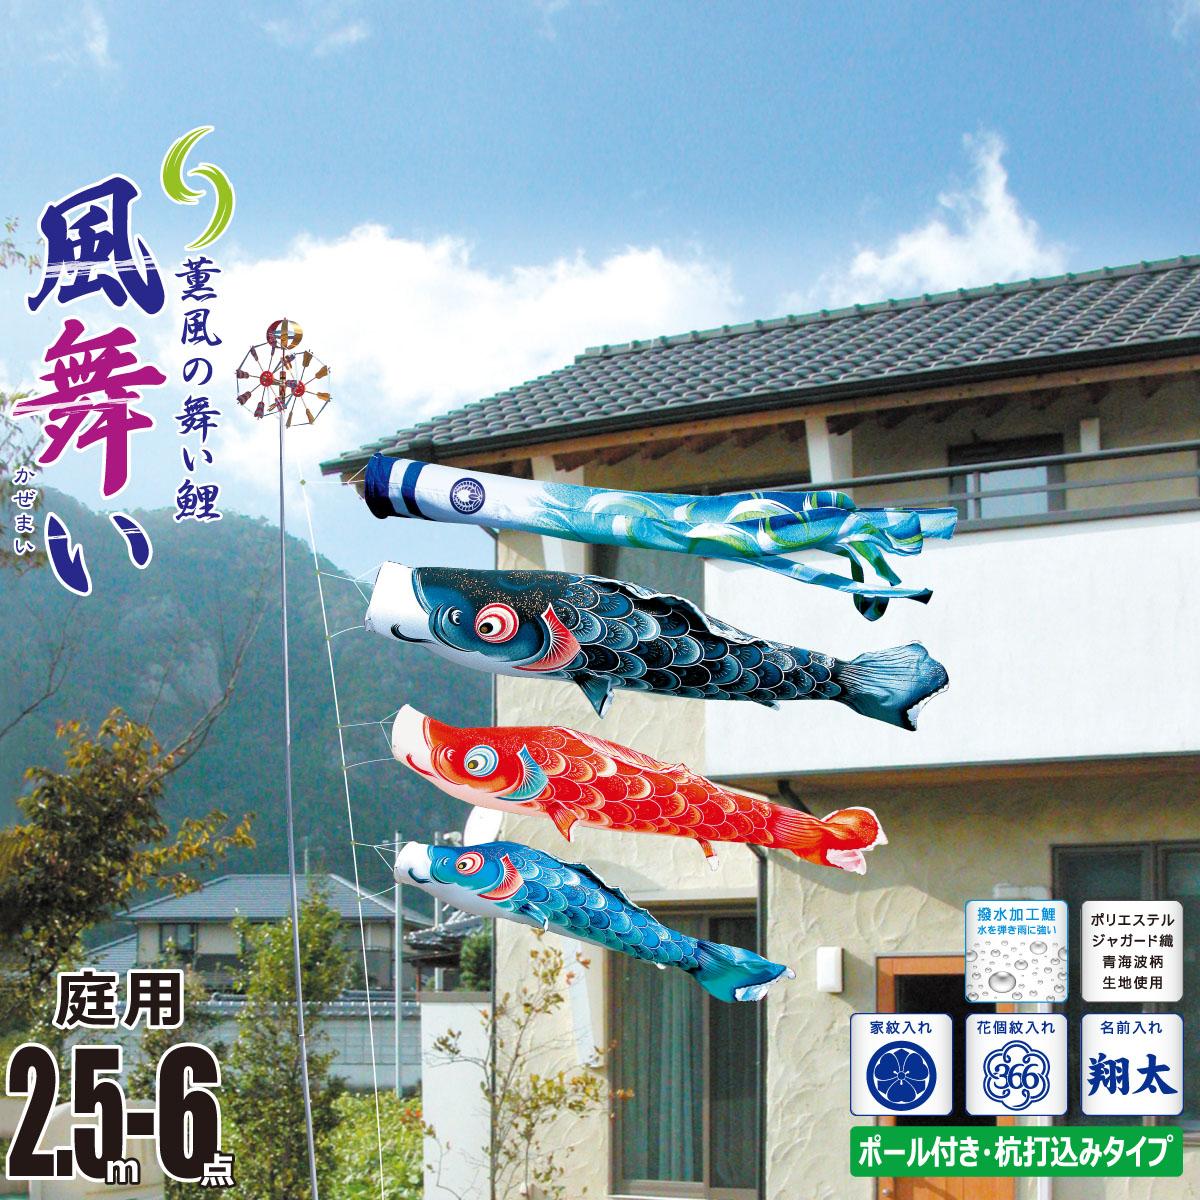 こいのぼり 2.5m 風舞い 6点 (矢車、ロープ、吹流し、鯉3匹) 庭園用 ガーデンセット (専用ポール一式) 徳永鯉のぼり KIT-118-307